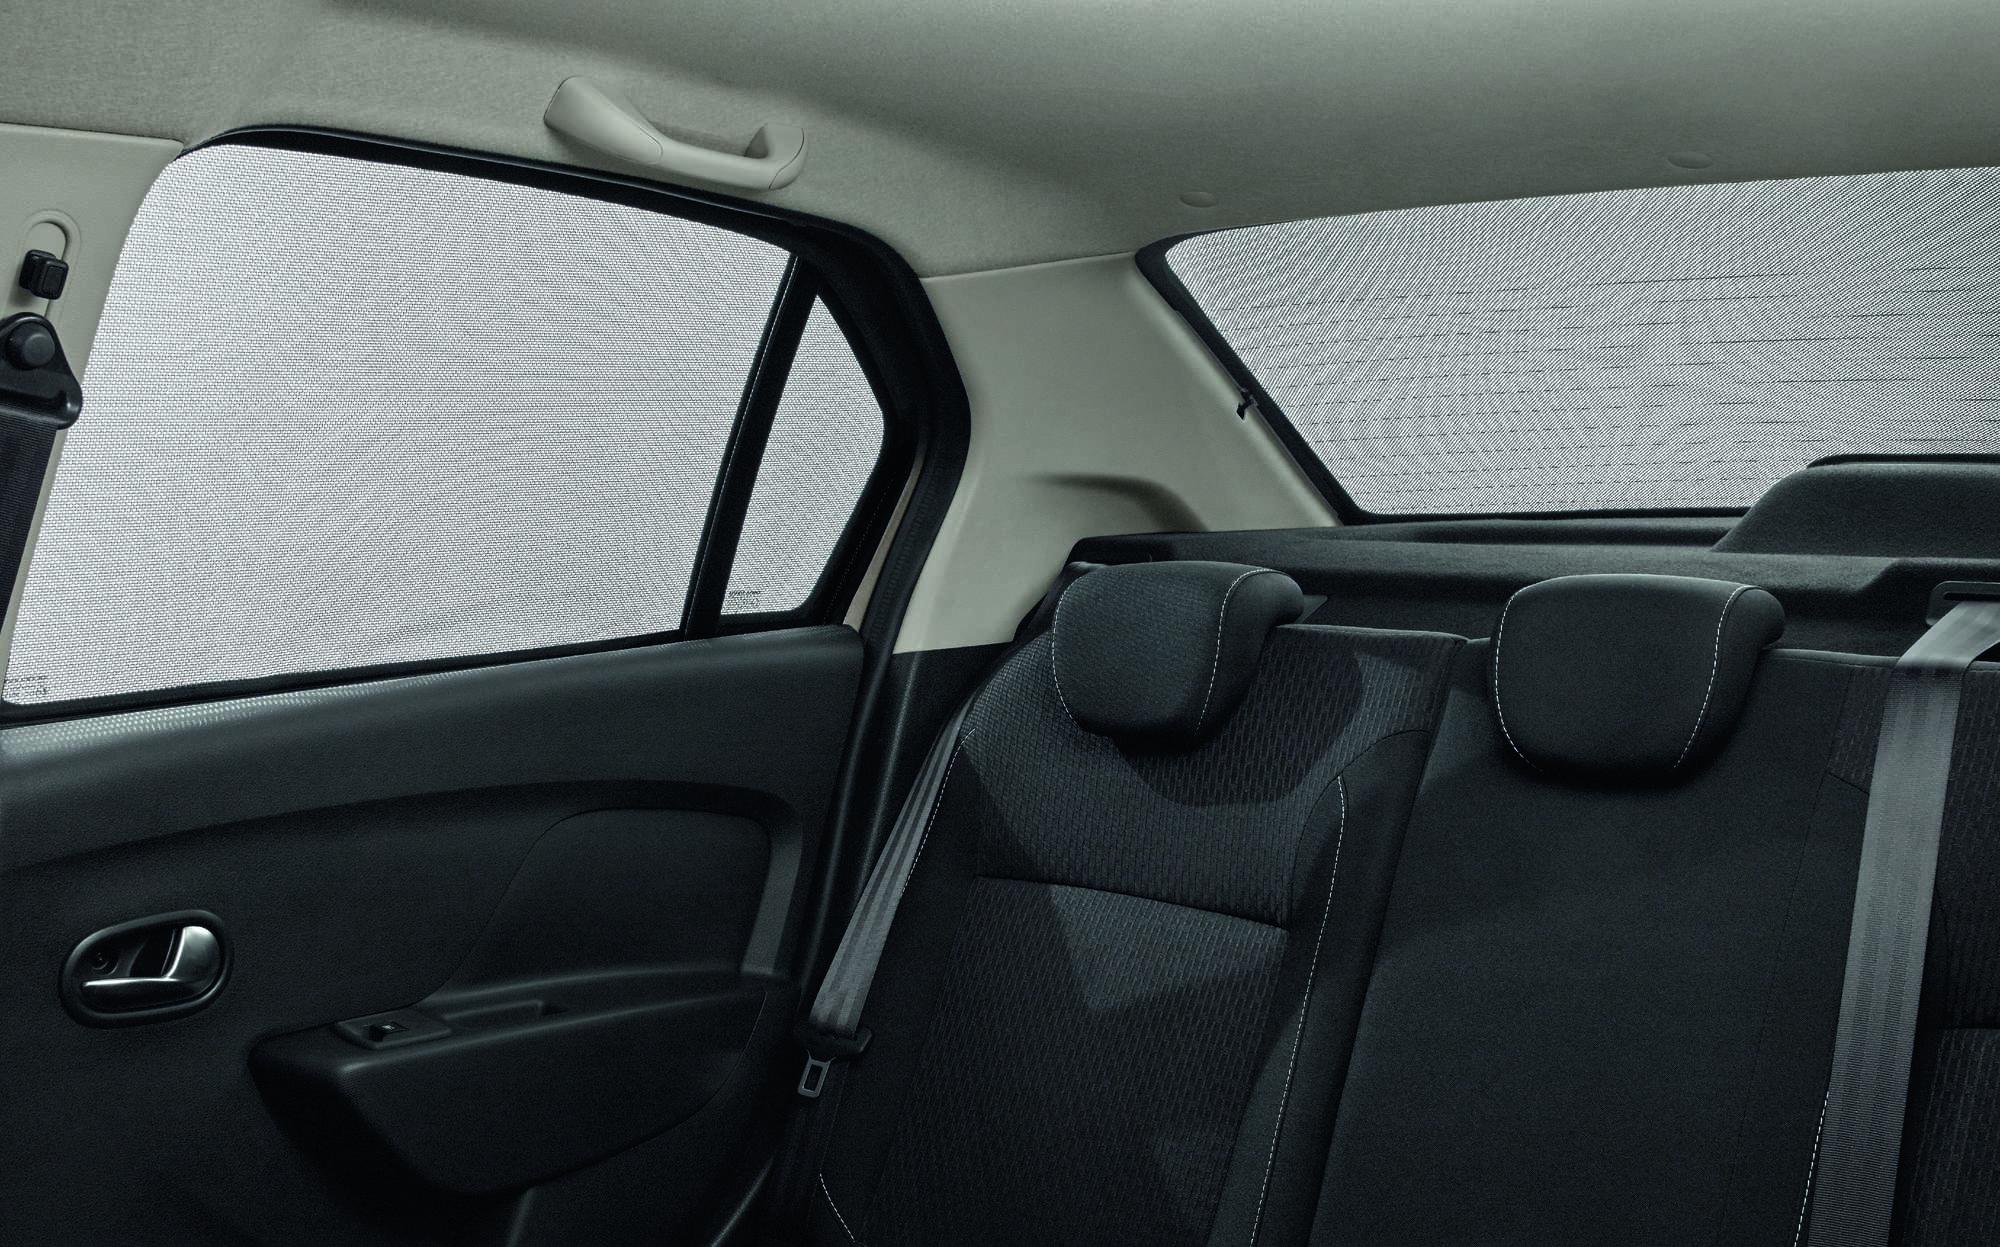 Trotočkovni sigurnosni pojas na srednjem stražnjem sjedalu